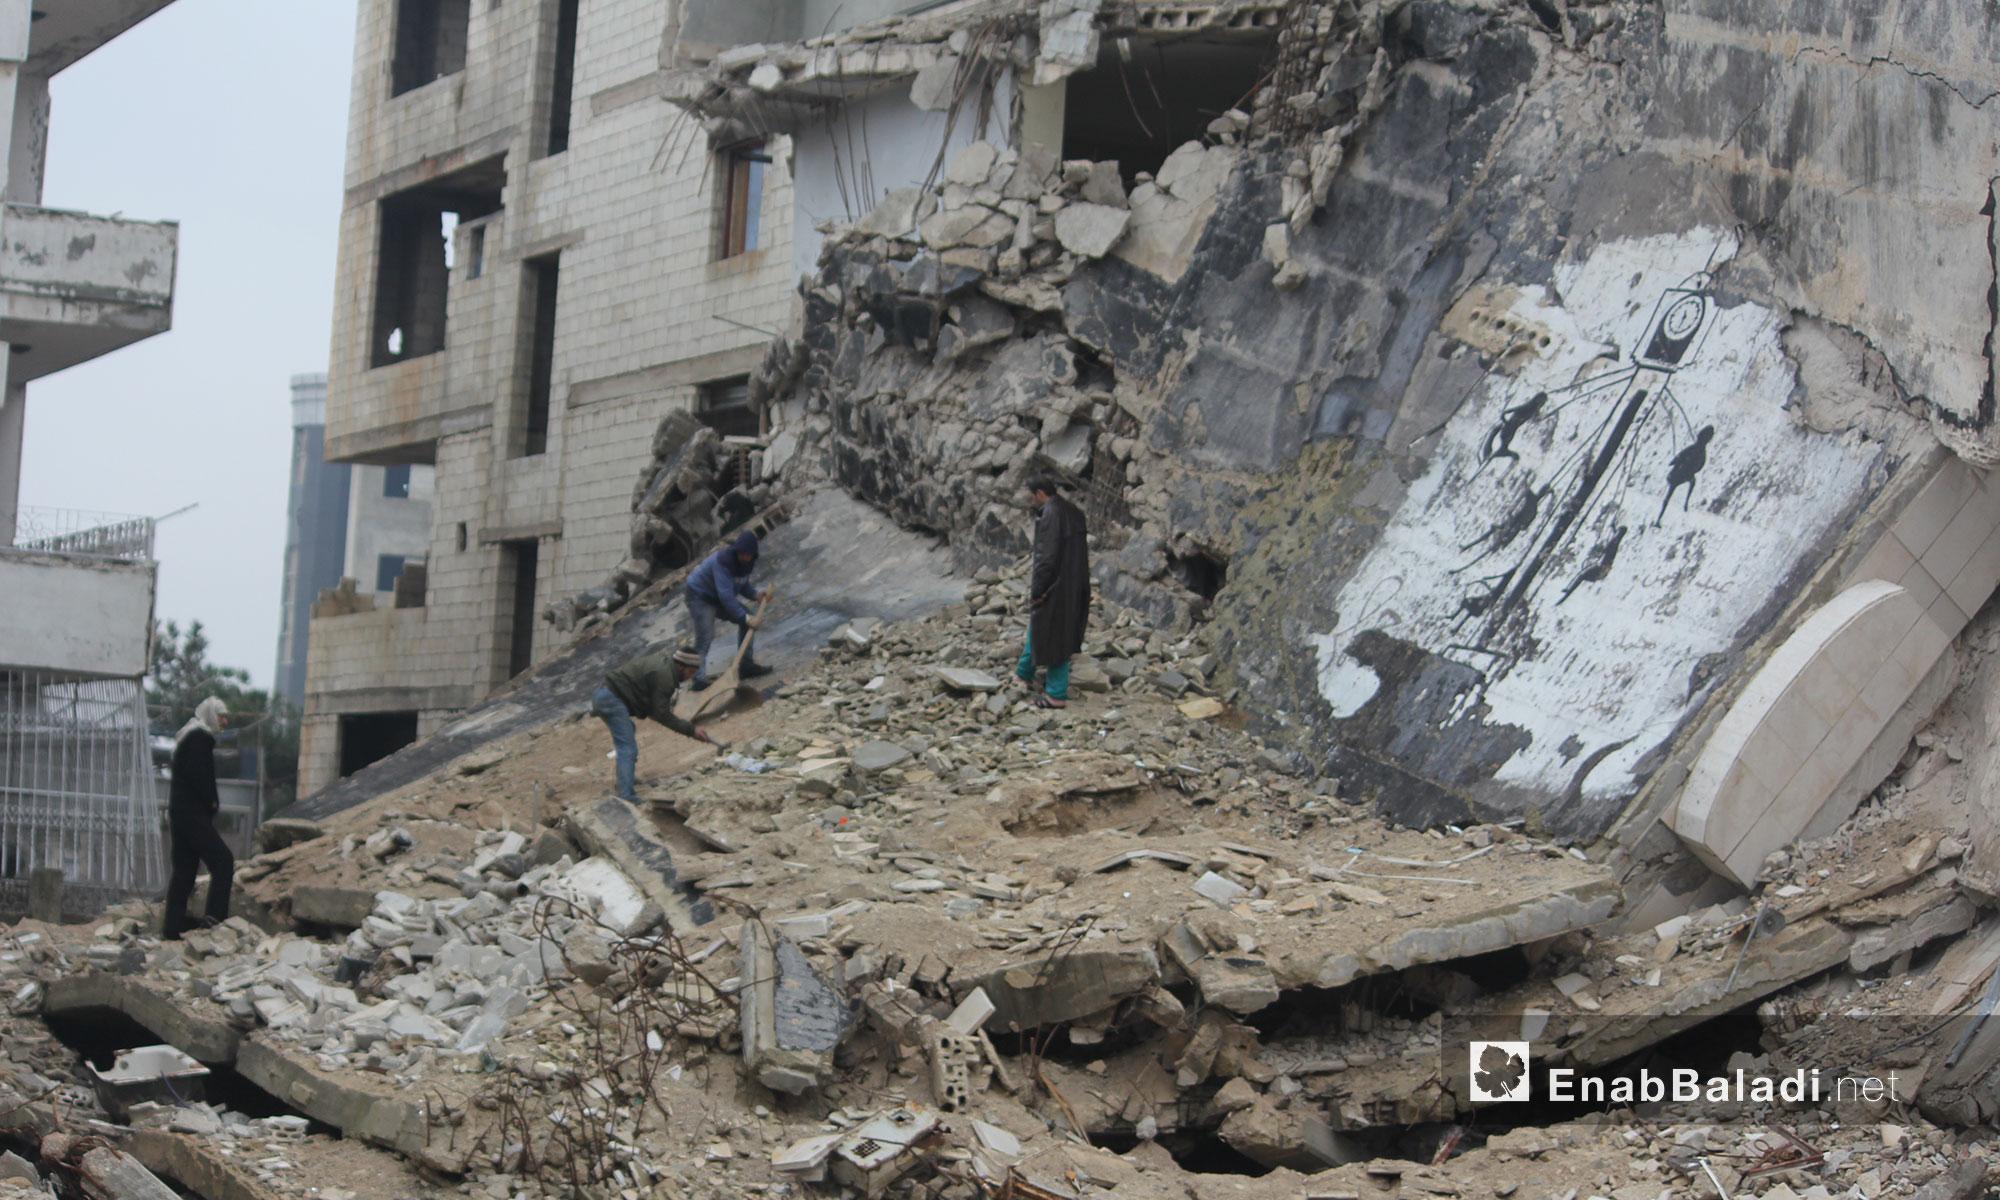 أحد الأبنية المهدمة في حي الوعر بمدينة حمص - 21 كانون الأول 2017 (عنب بلدي)